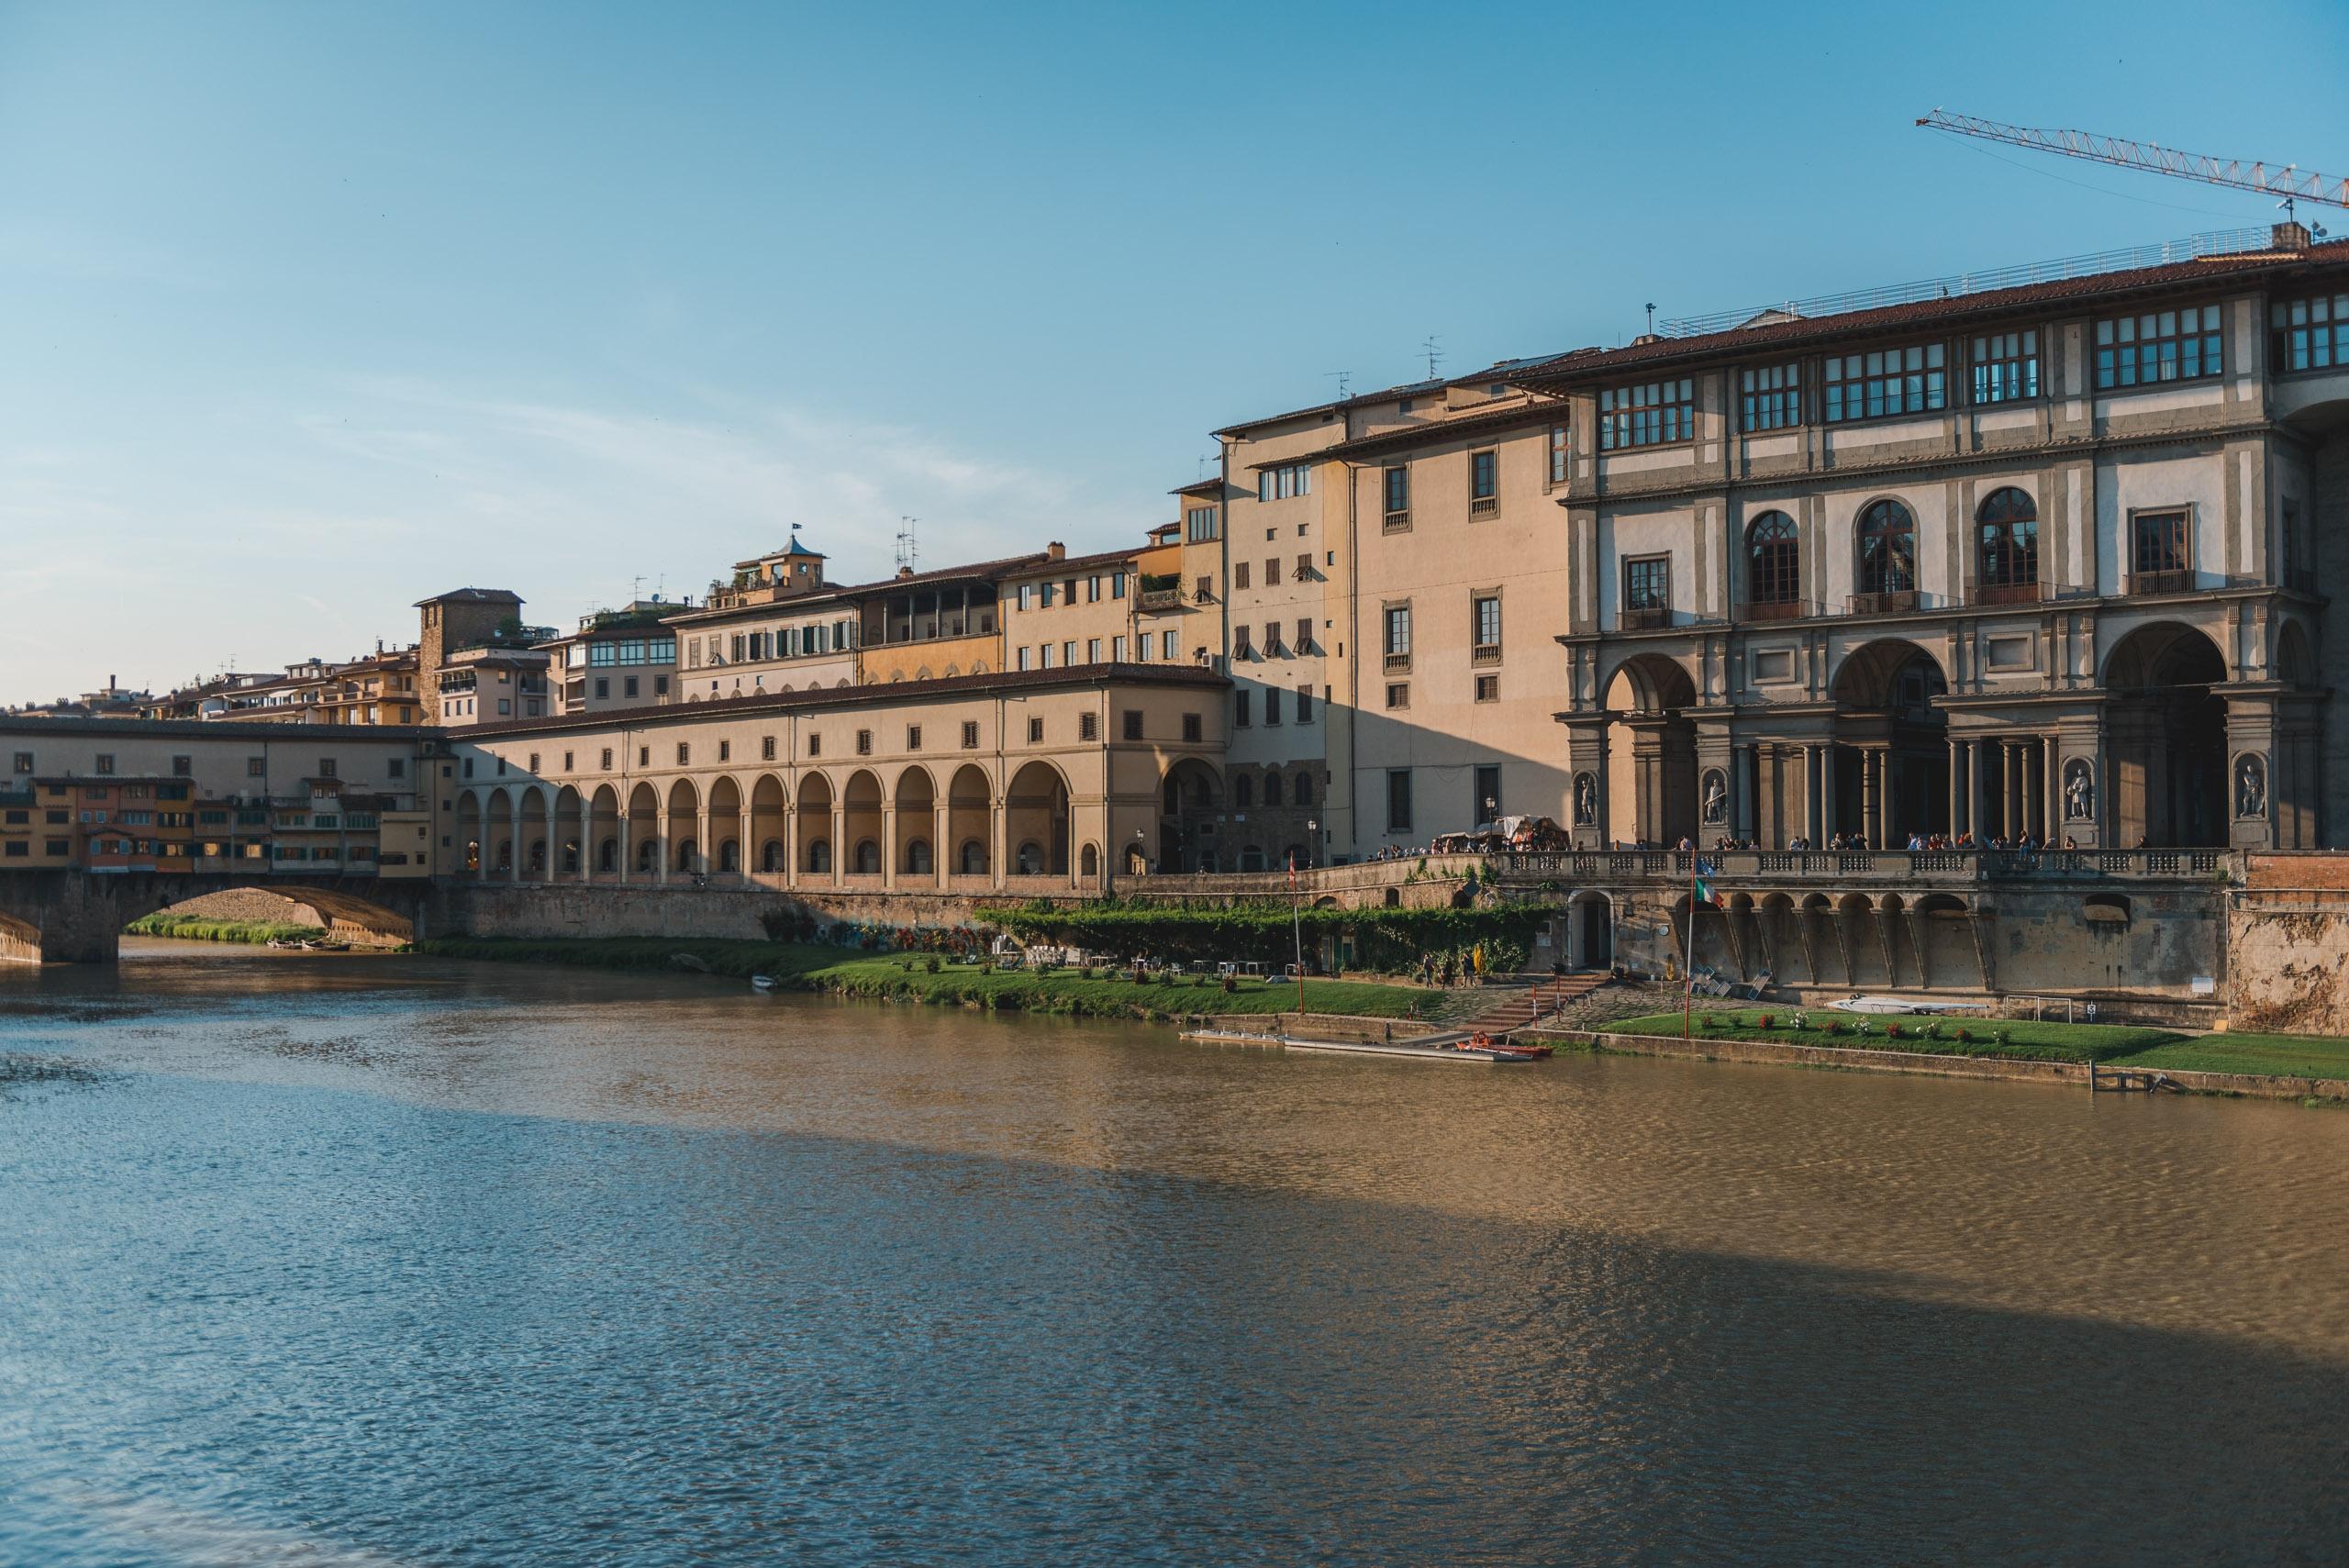 The Arno and the Ponte Vecchio